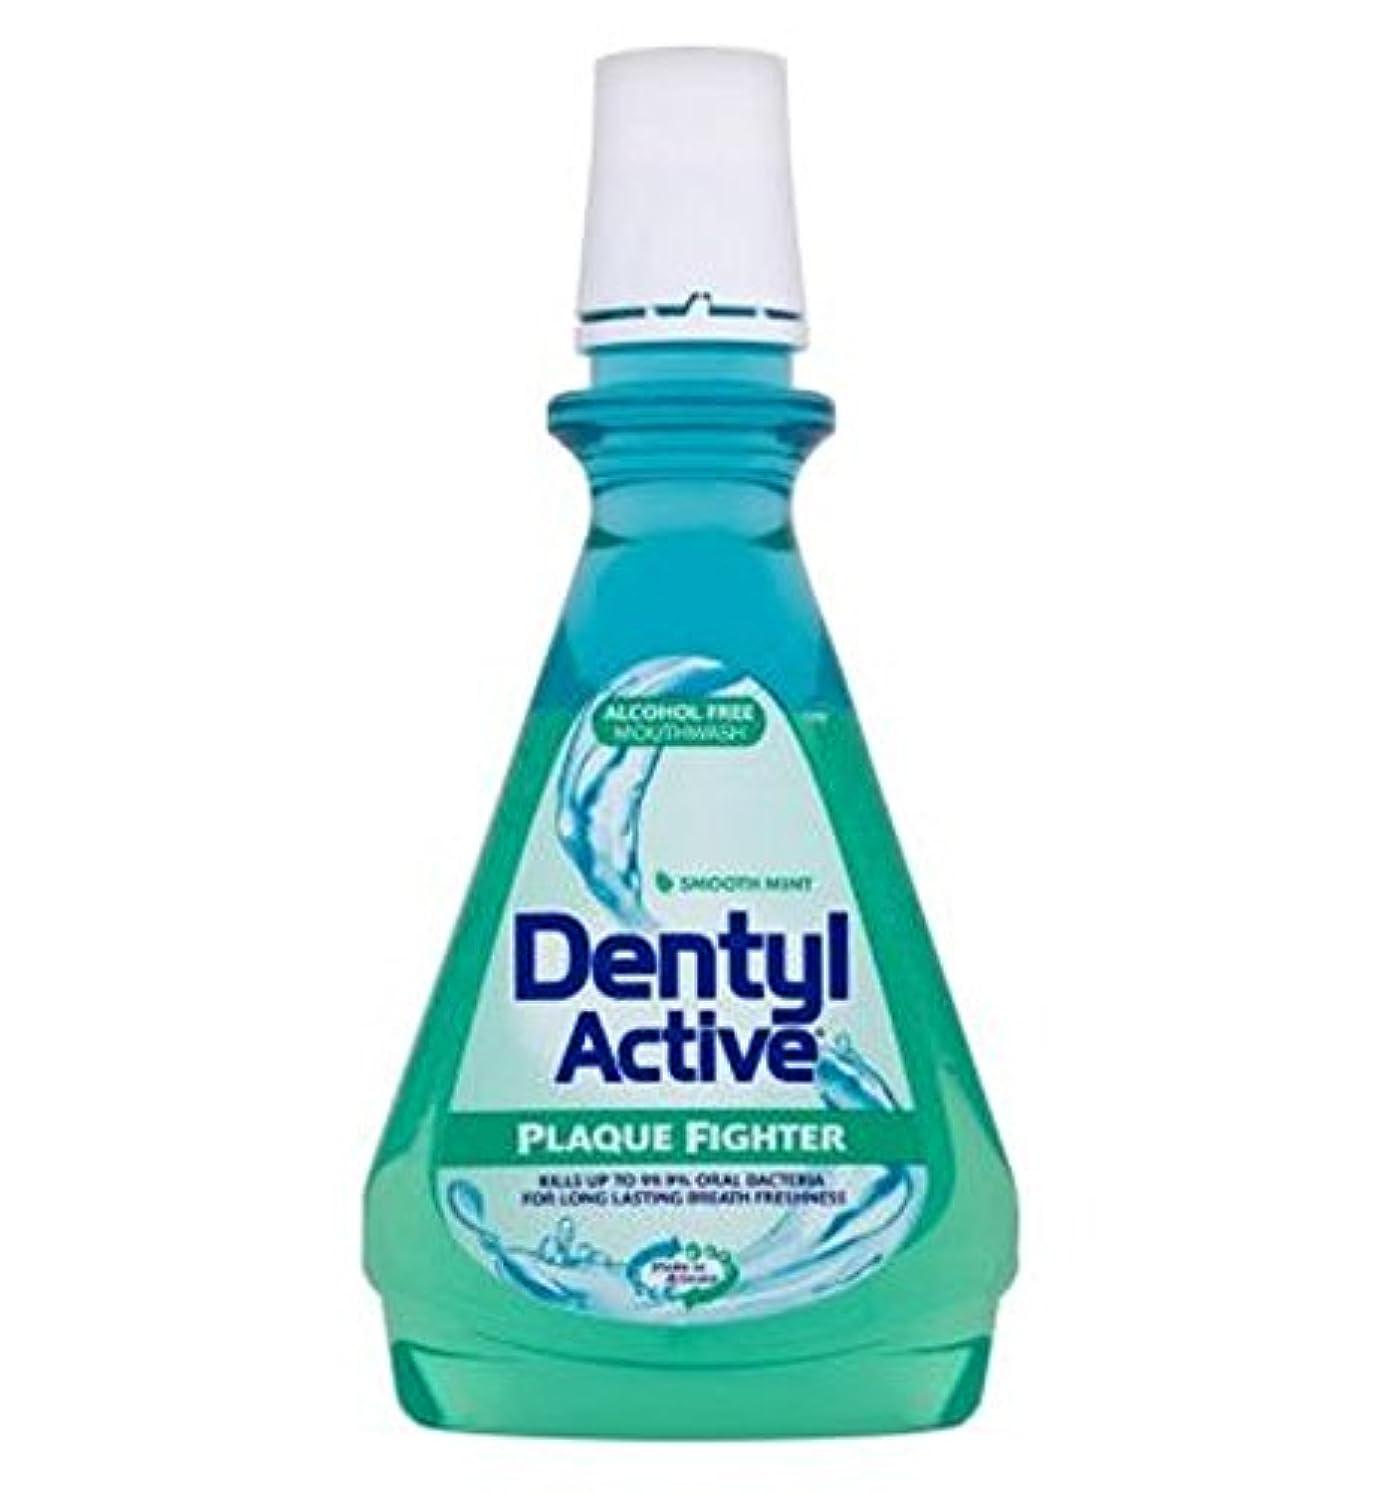 ピービッシュ繰り返しコテージDentyl Active Smooth Mint Mouthwash 500ml - Dentylアクティブな滑らかなミントマウスウォッシュ500ミリリットル (Dentyl) [並行輸入品]